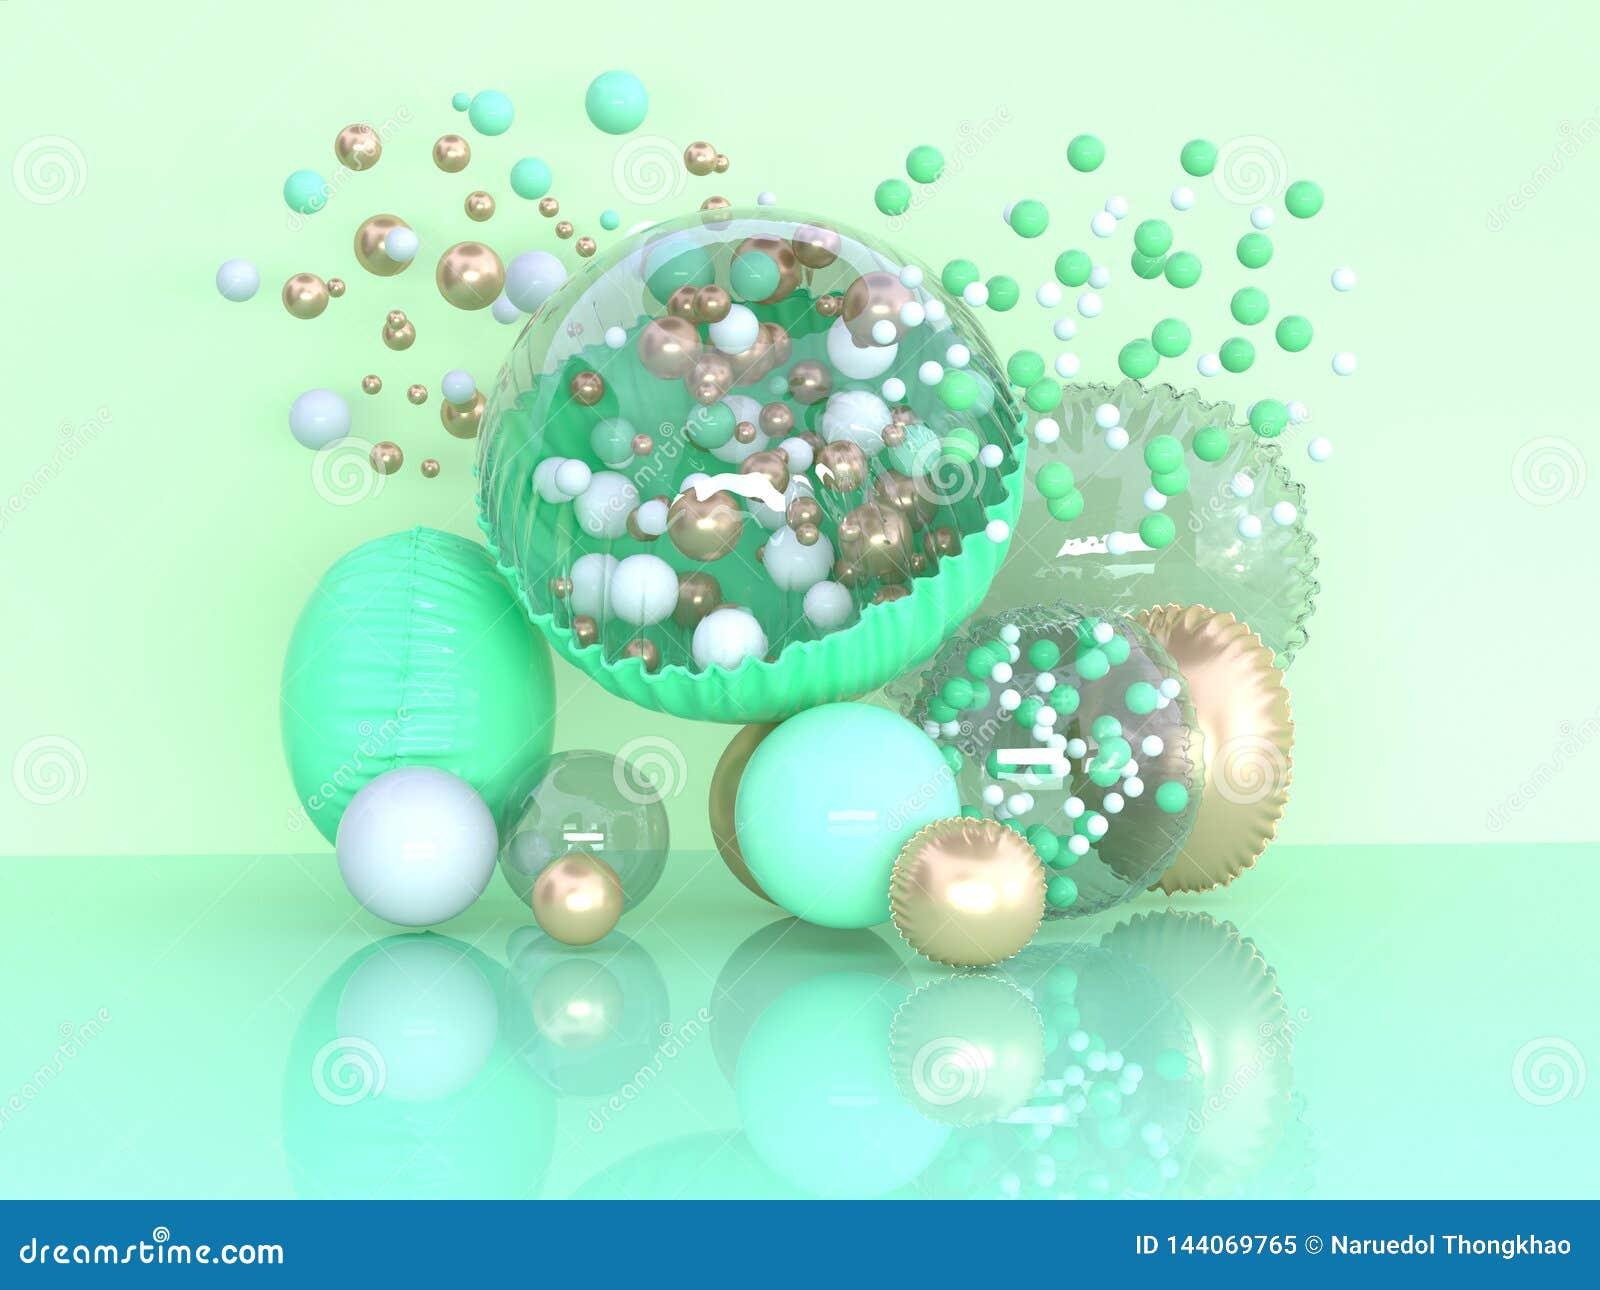 绿色气球装饰摘要3d翻译惊奇概念